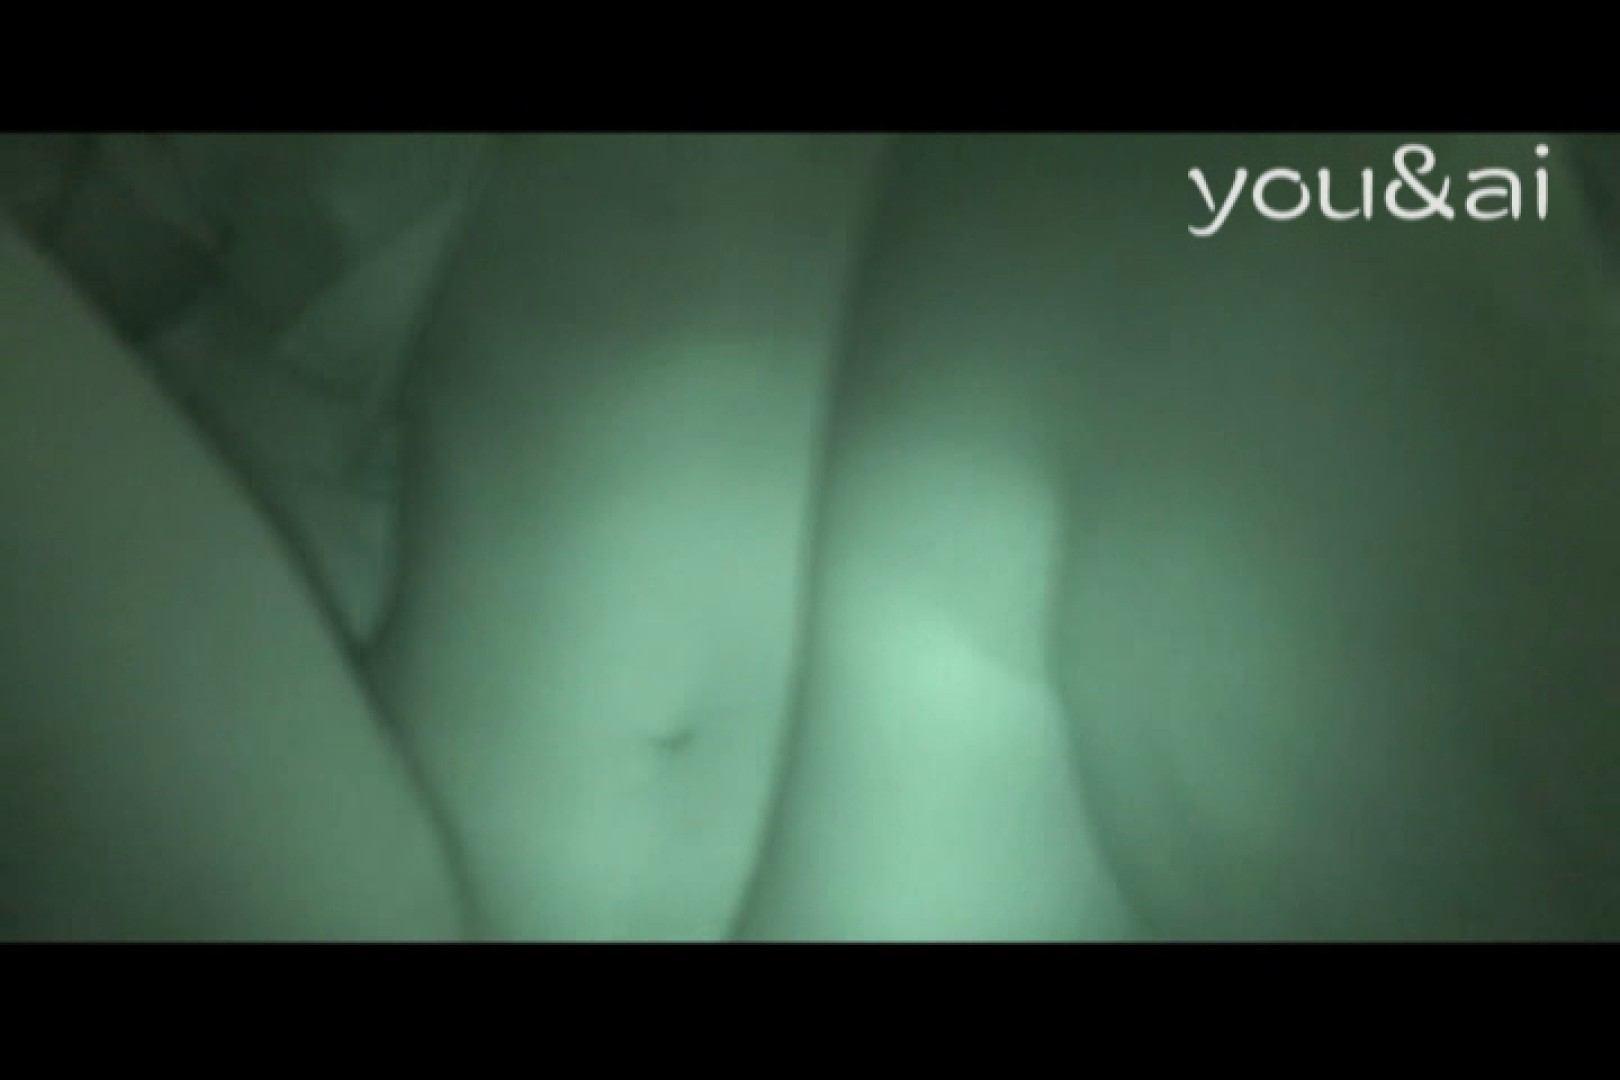 おしどり夫婦のyou&aiさん投稿作品vol.12 一般投稿 盗み撮り動画 81枚 2